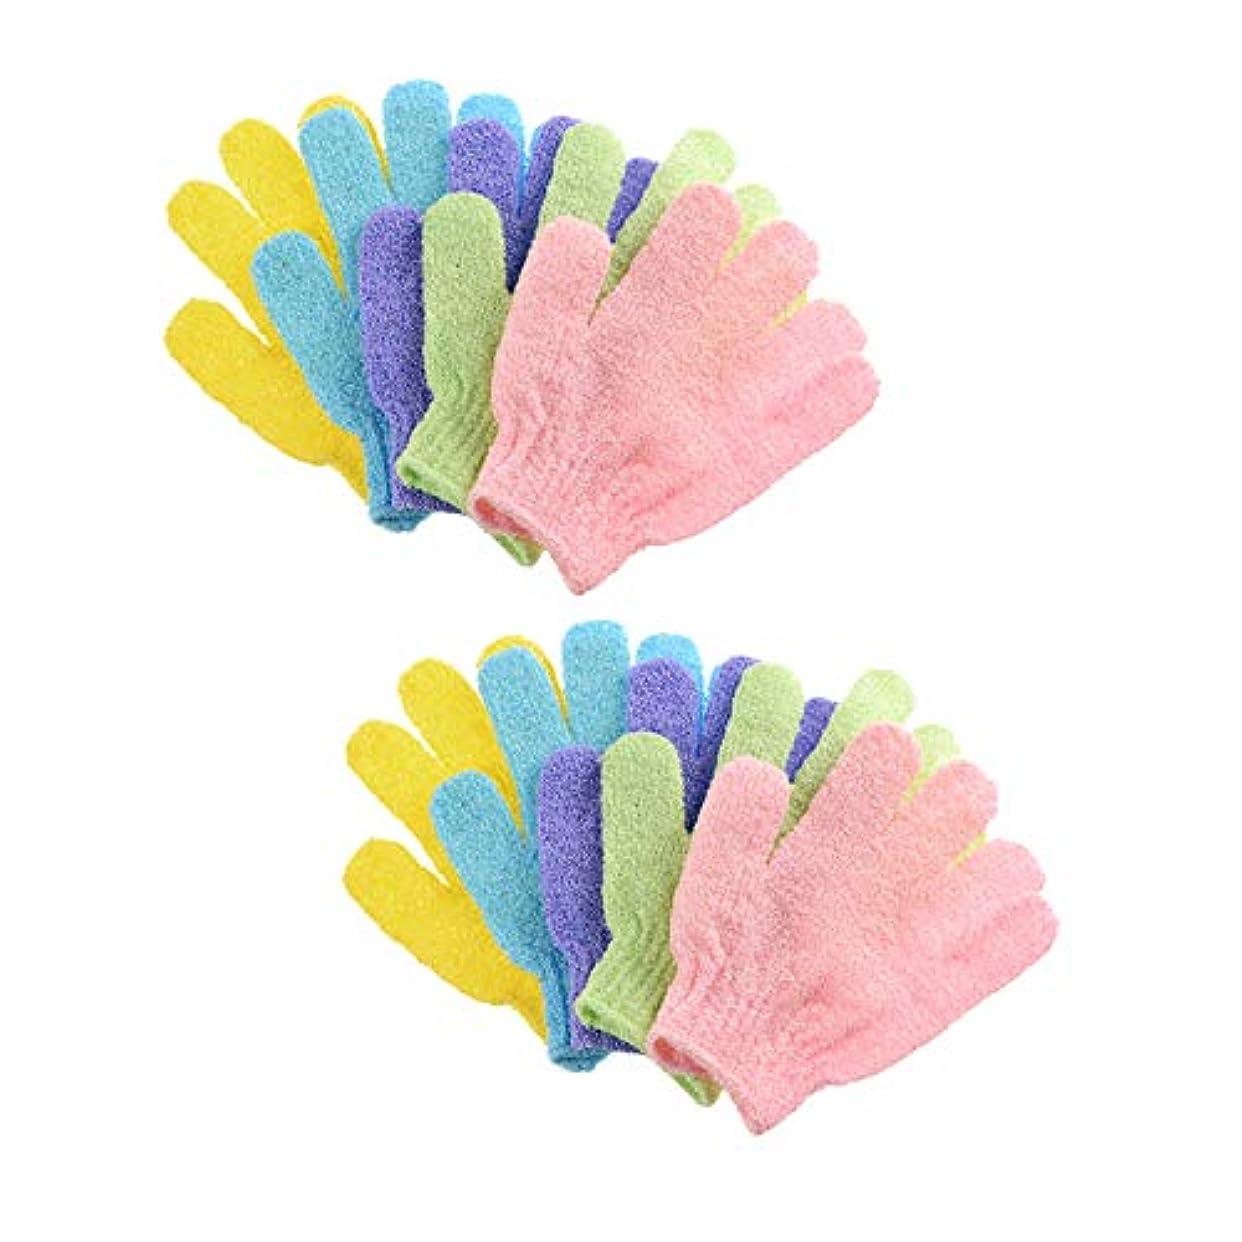 有益な露出度の高い社員浴用手袋 入浴用手袋 お風呂用手袋 5ペア角質除去バスグローブ 抗菌加工 ボディタオル シャワーボディーグローブ 両面スクラブバスグローブボディスクラブエクスフォリエーター用 男女兼用